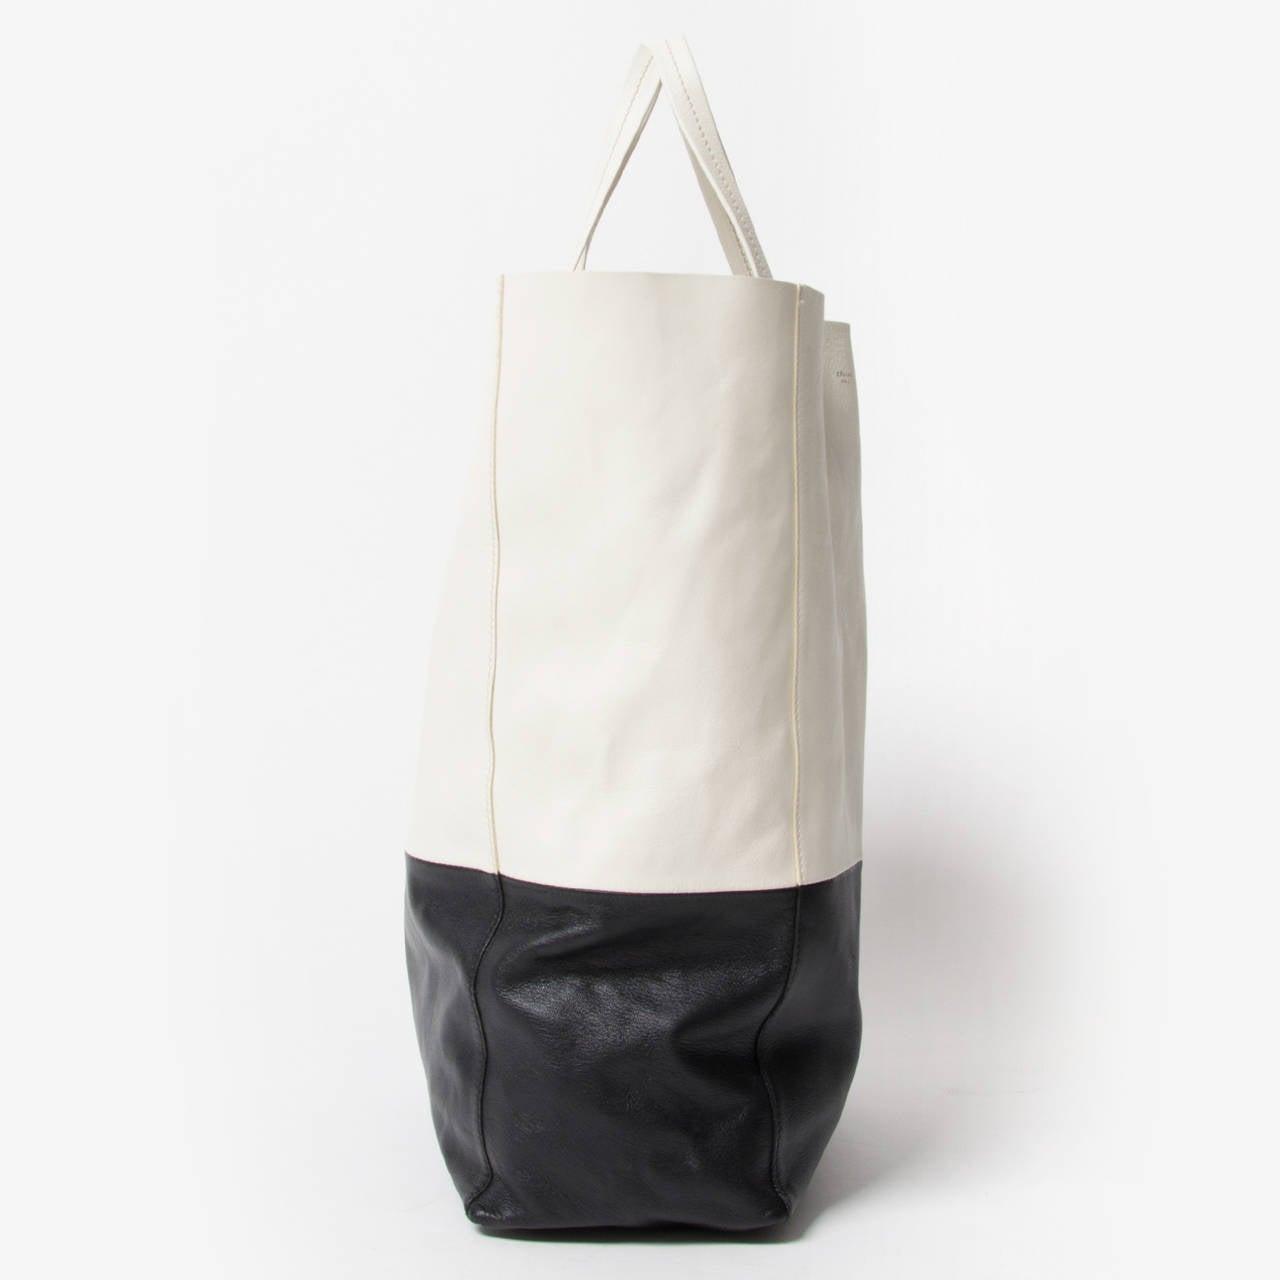 Céline Black And White Cabas Bag 2